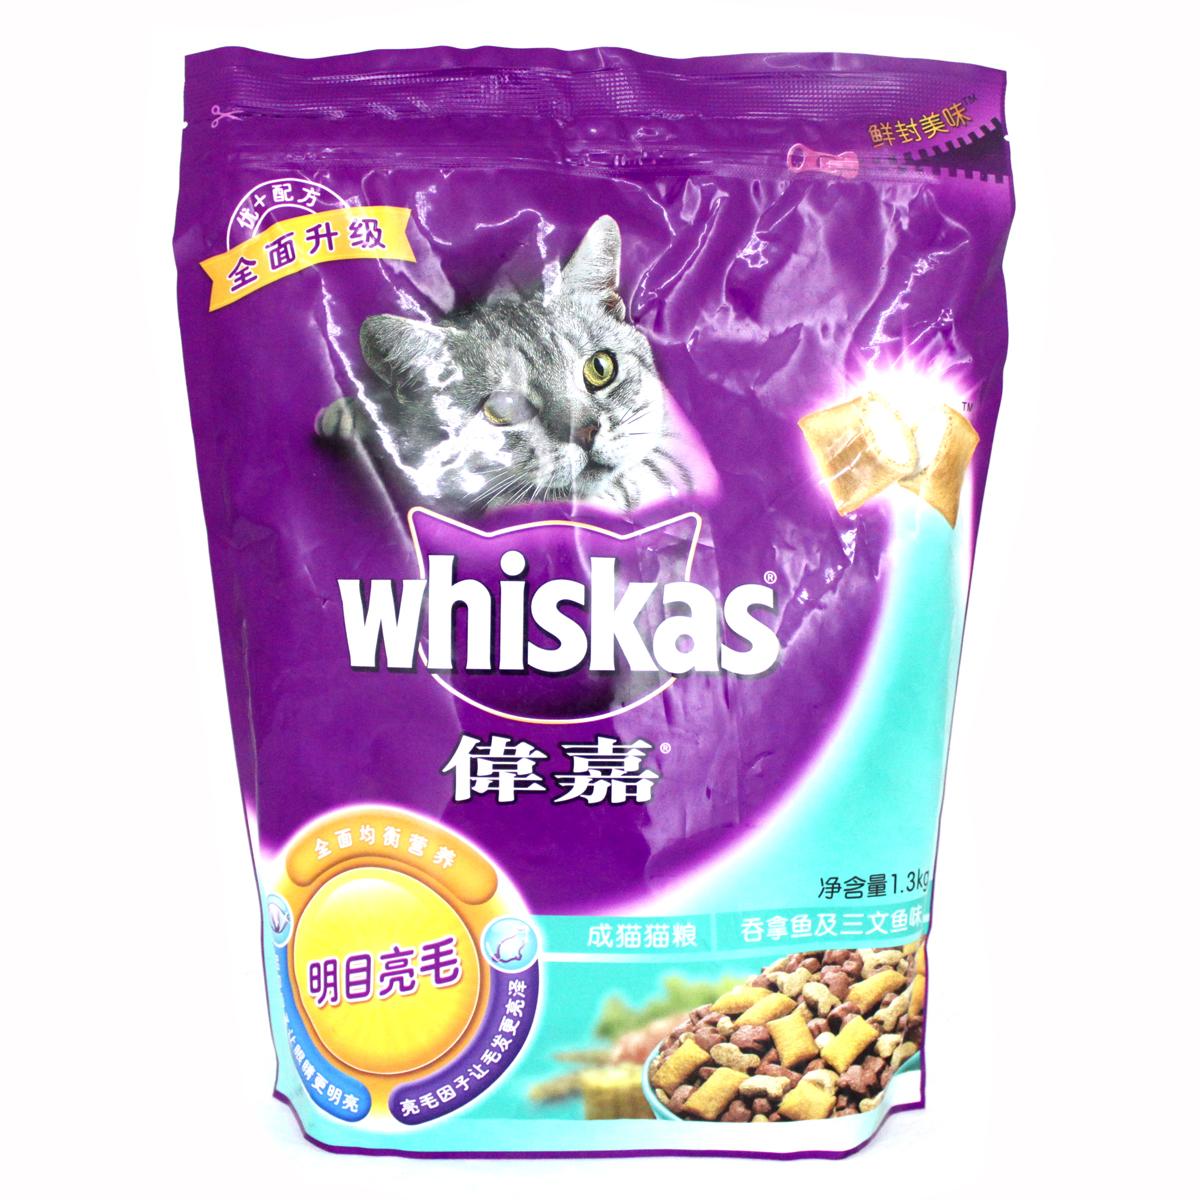 猫粮伟嘉_十六省包邮 伟嘉猫粮吞拿鱼及三文鱼夹心酥成猫 1.3kg 宠物食品